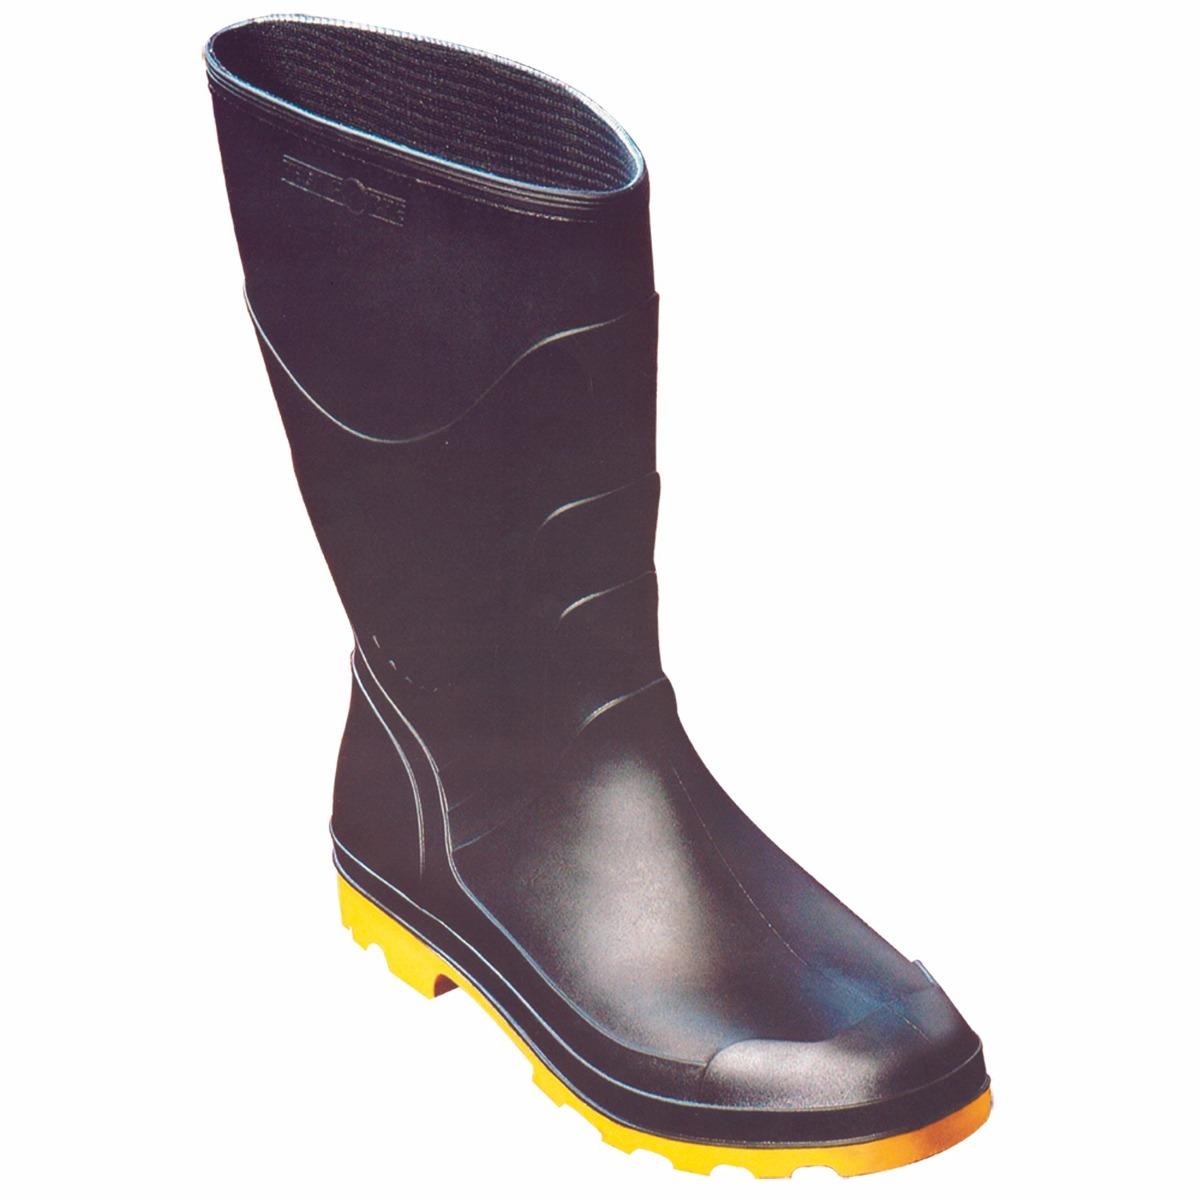 e92cd2f8537 galocha de chuva pega forte borracha solado amarelo - bota. Carregando zoom.